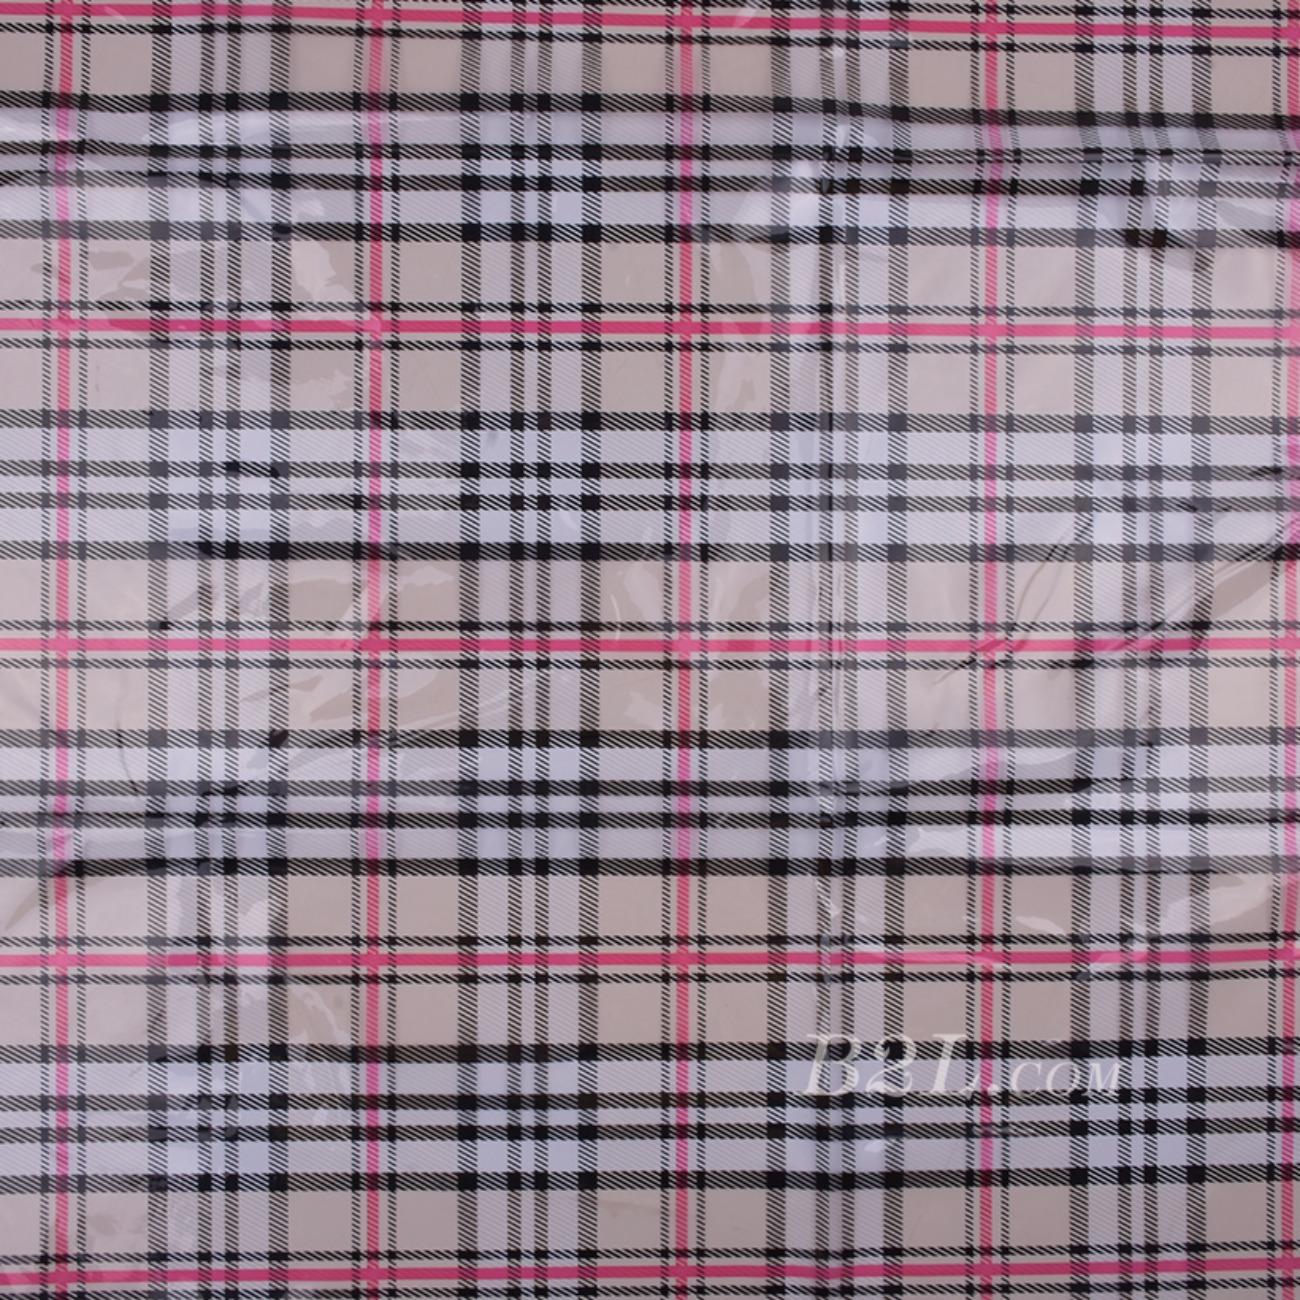 印花 PU  胶 格子 雨衣 外套 包包 80606-3